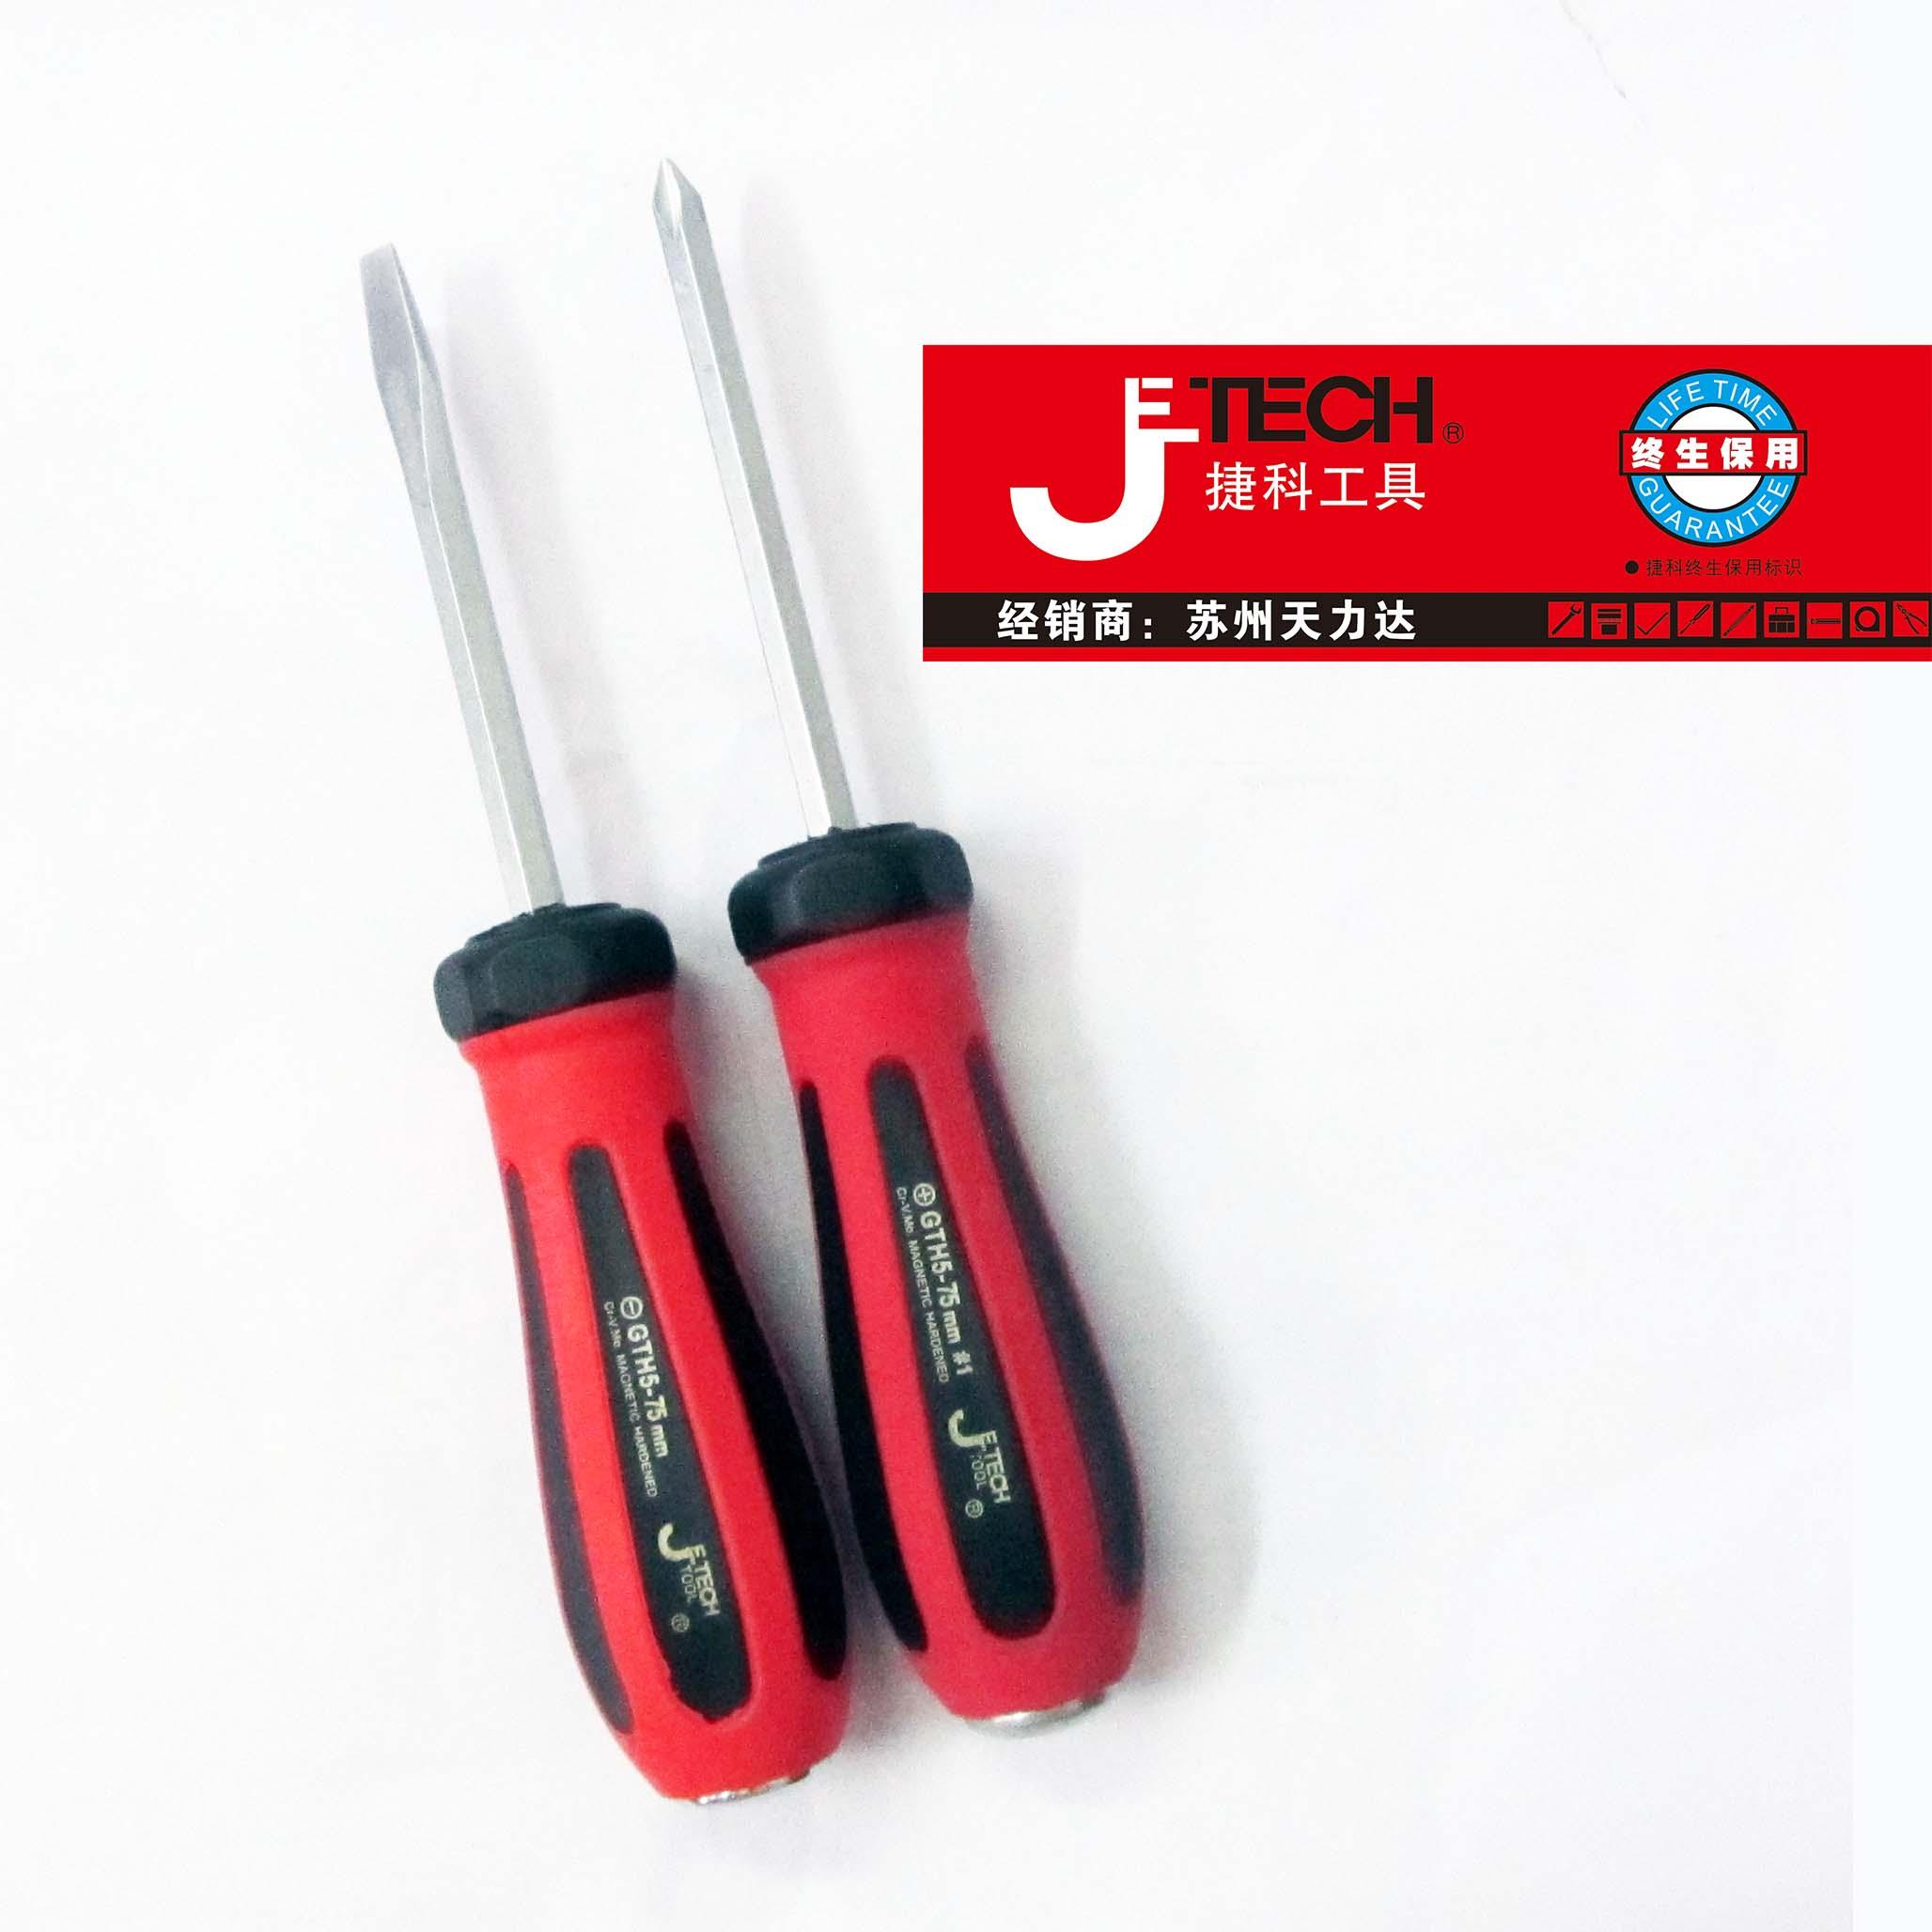 Jieke JETECH с помощью отвёртки отвертки отвёрткой с мягкой ручкой слово /ten слово Серия GTH